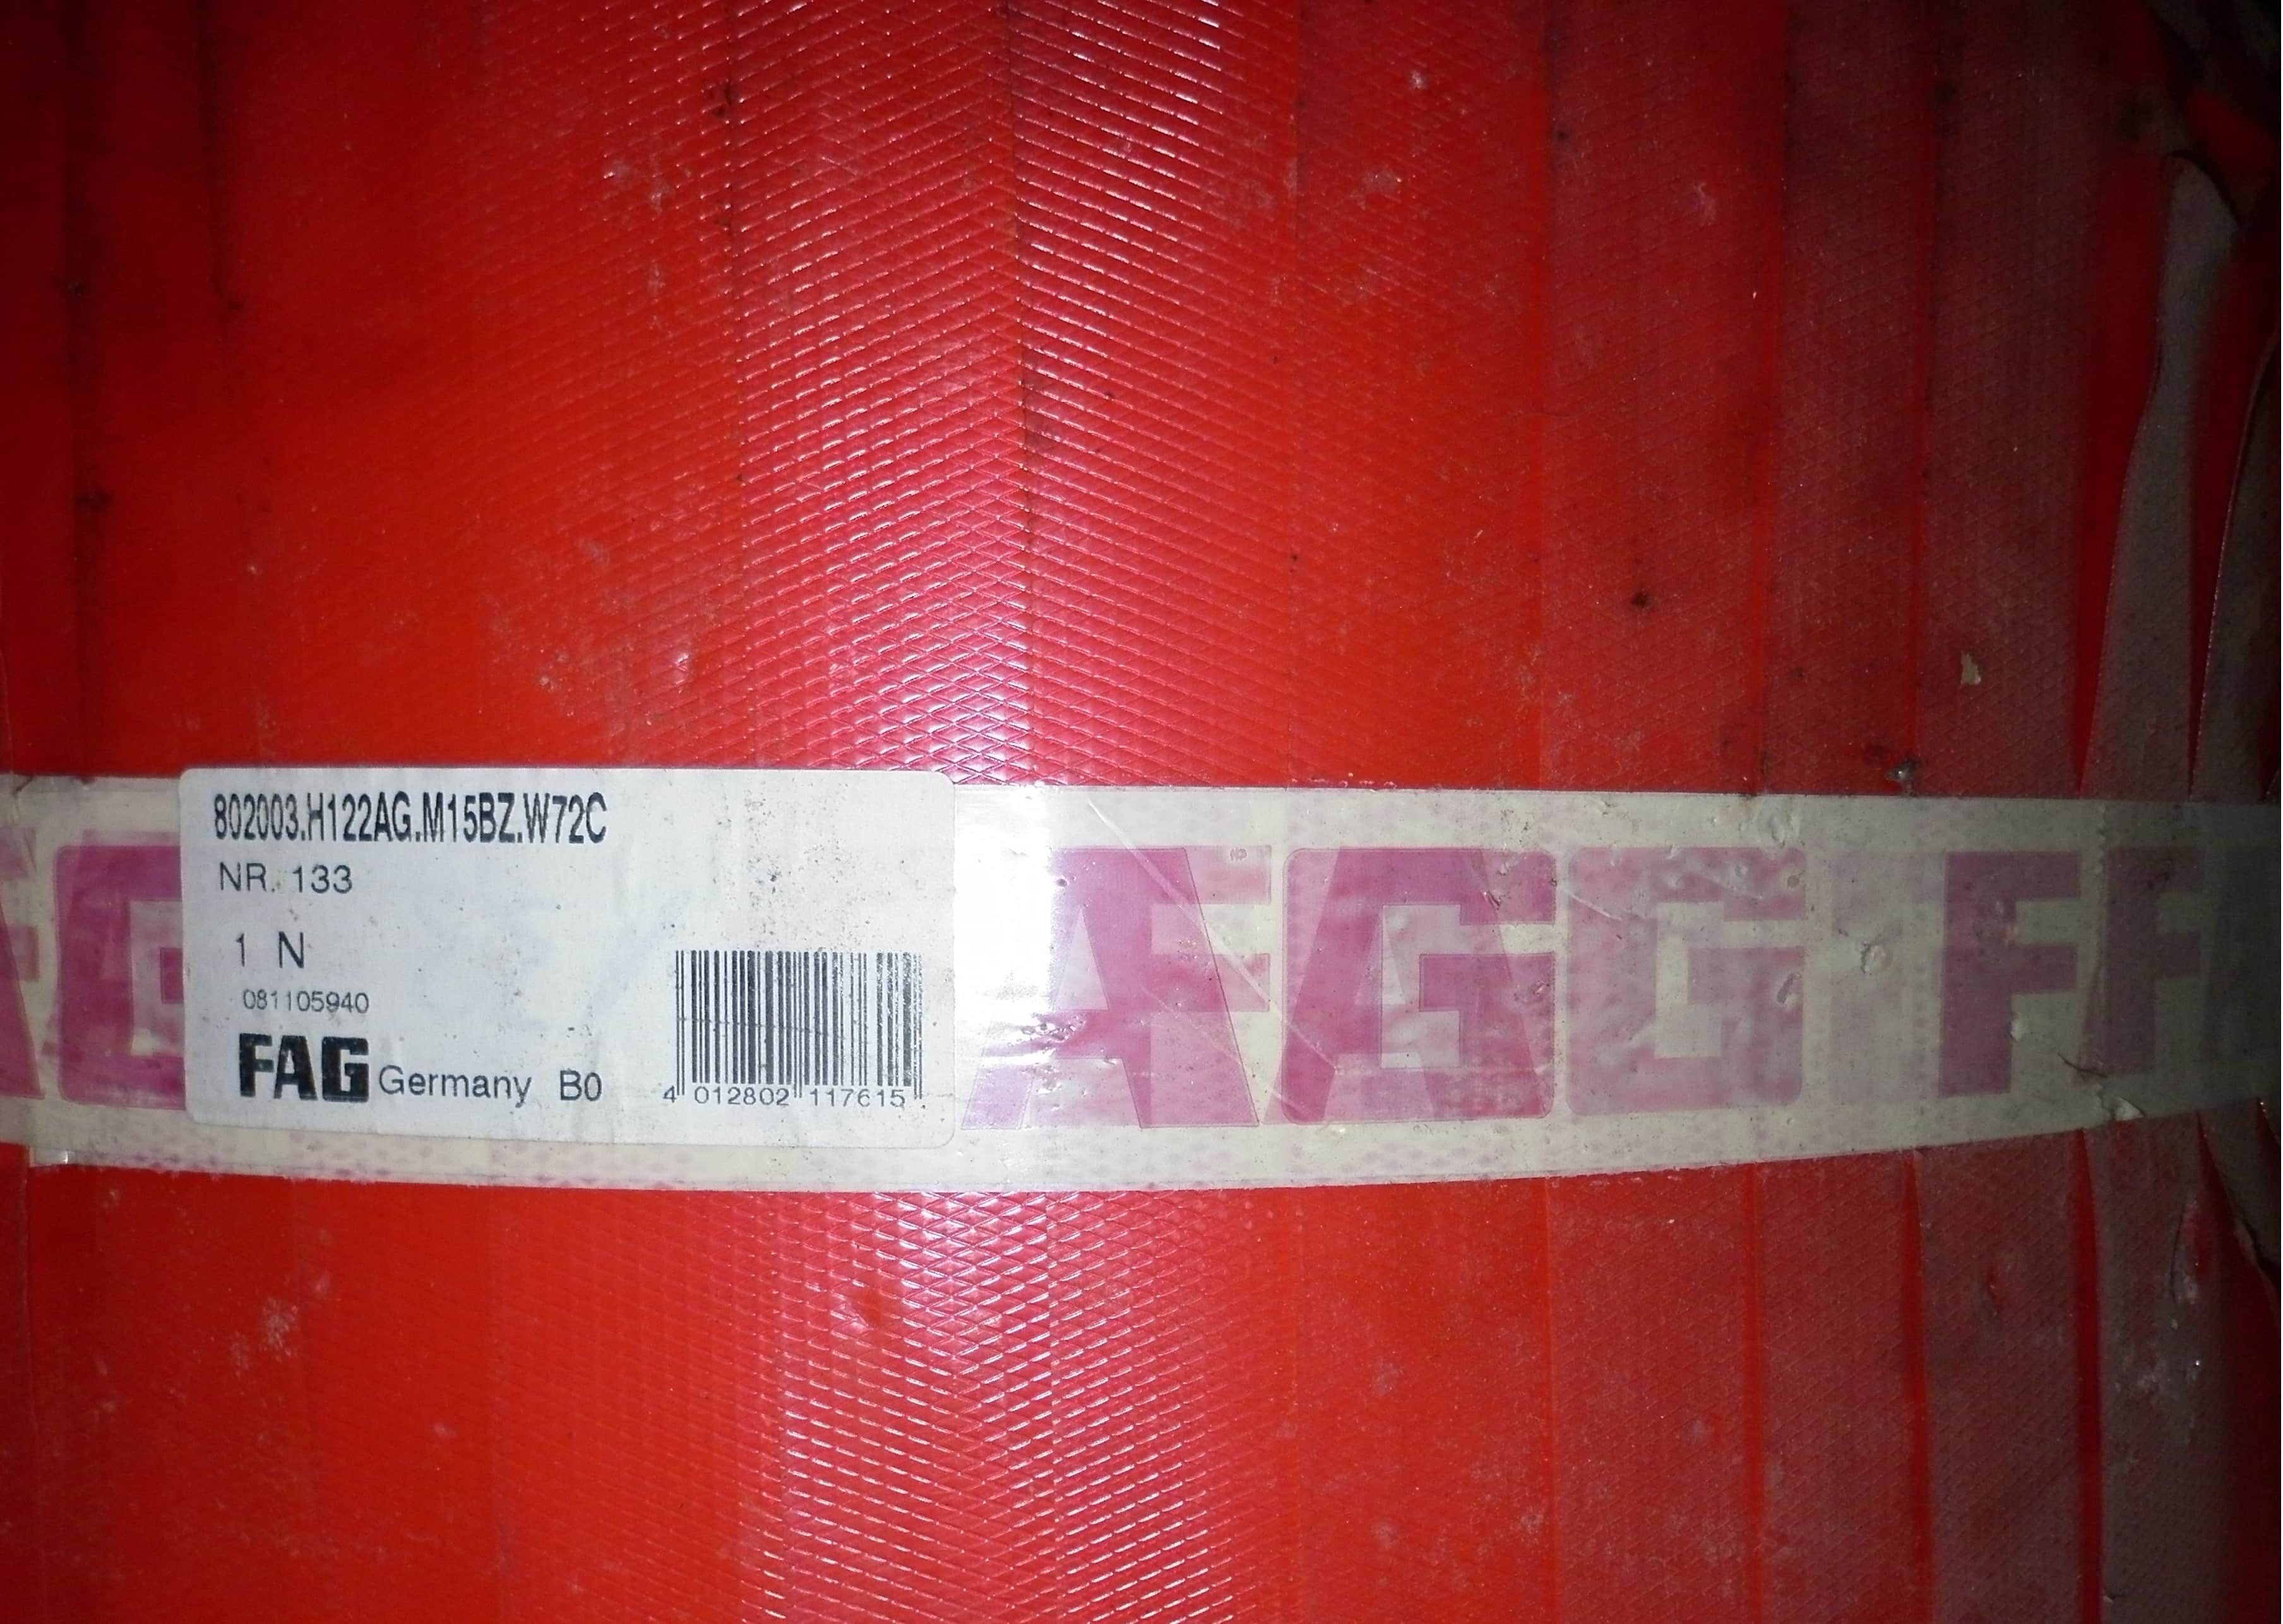 FAG 802003.H 122 AG.M15BZ.W72C Taper Roller Bearing Four Row